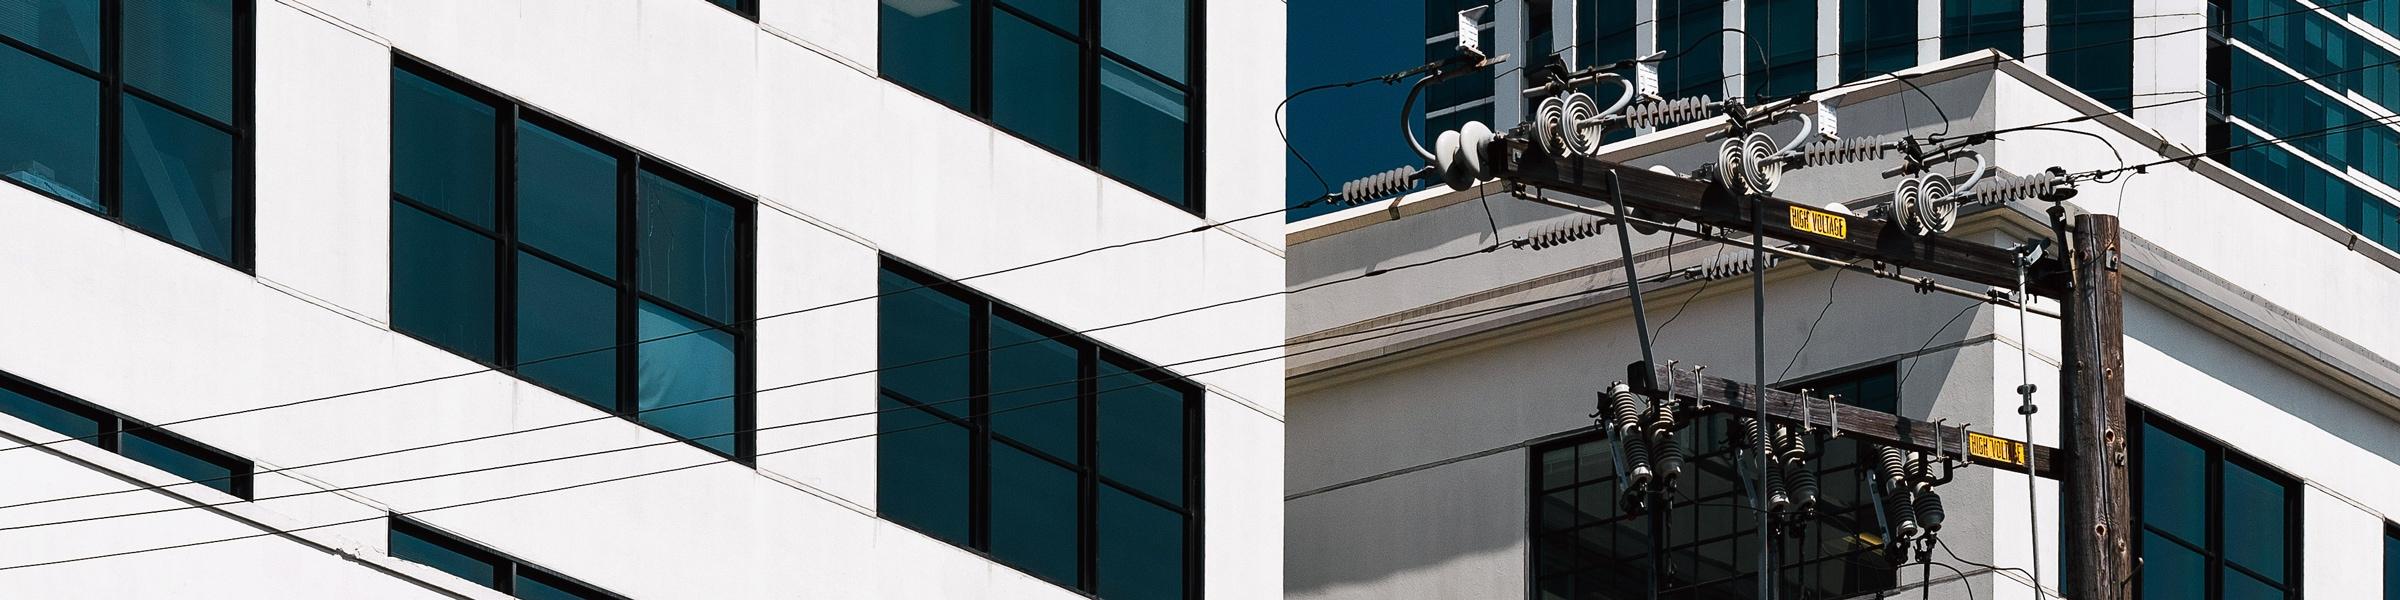 Kontakt - Inotectis GmbH - Advisory & Management